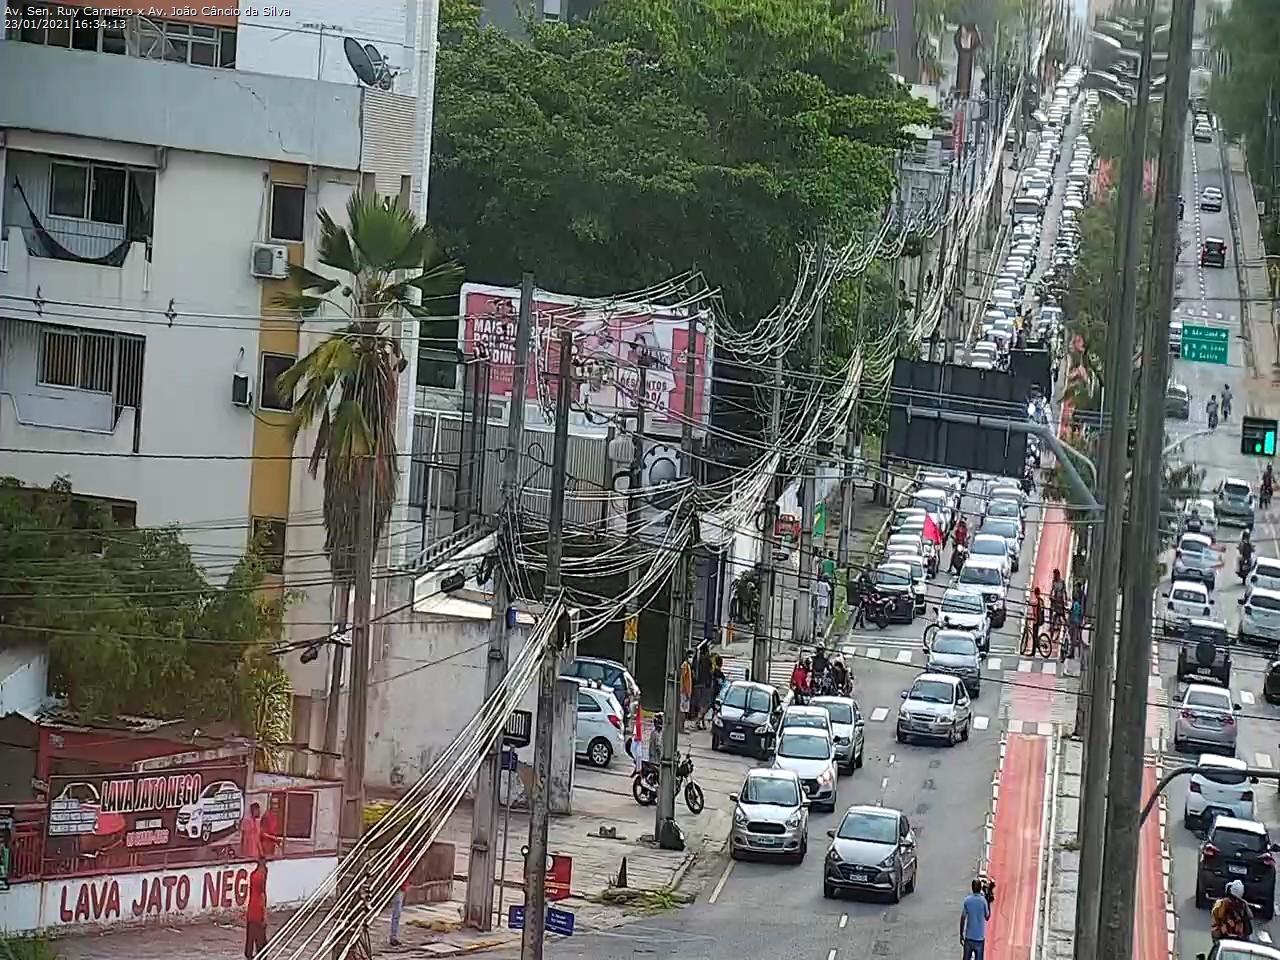 protesto 5 - Manifestantes pedem impeachment de Bolsonaro em João Pessoa - VEJA IMAGENS E VÍDEOS